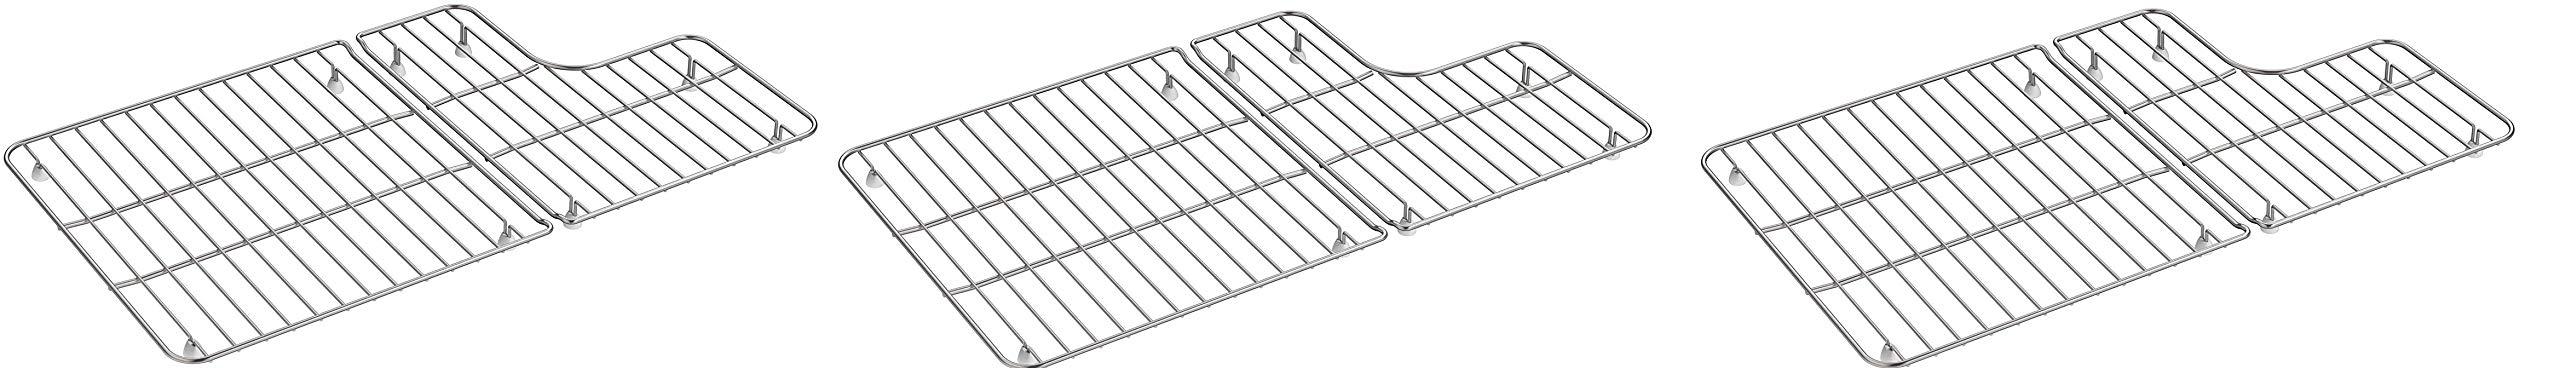 KOHLER 6449-ST Sink Racks for Whitehaven K-5826 and K-5827 Sinks, Stainless Steel (Pack of 3)